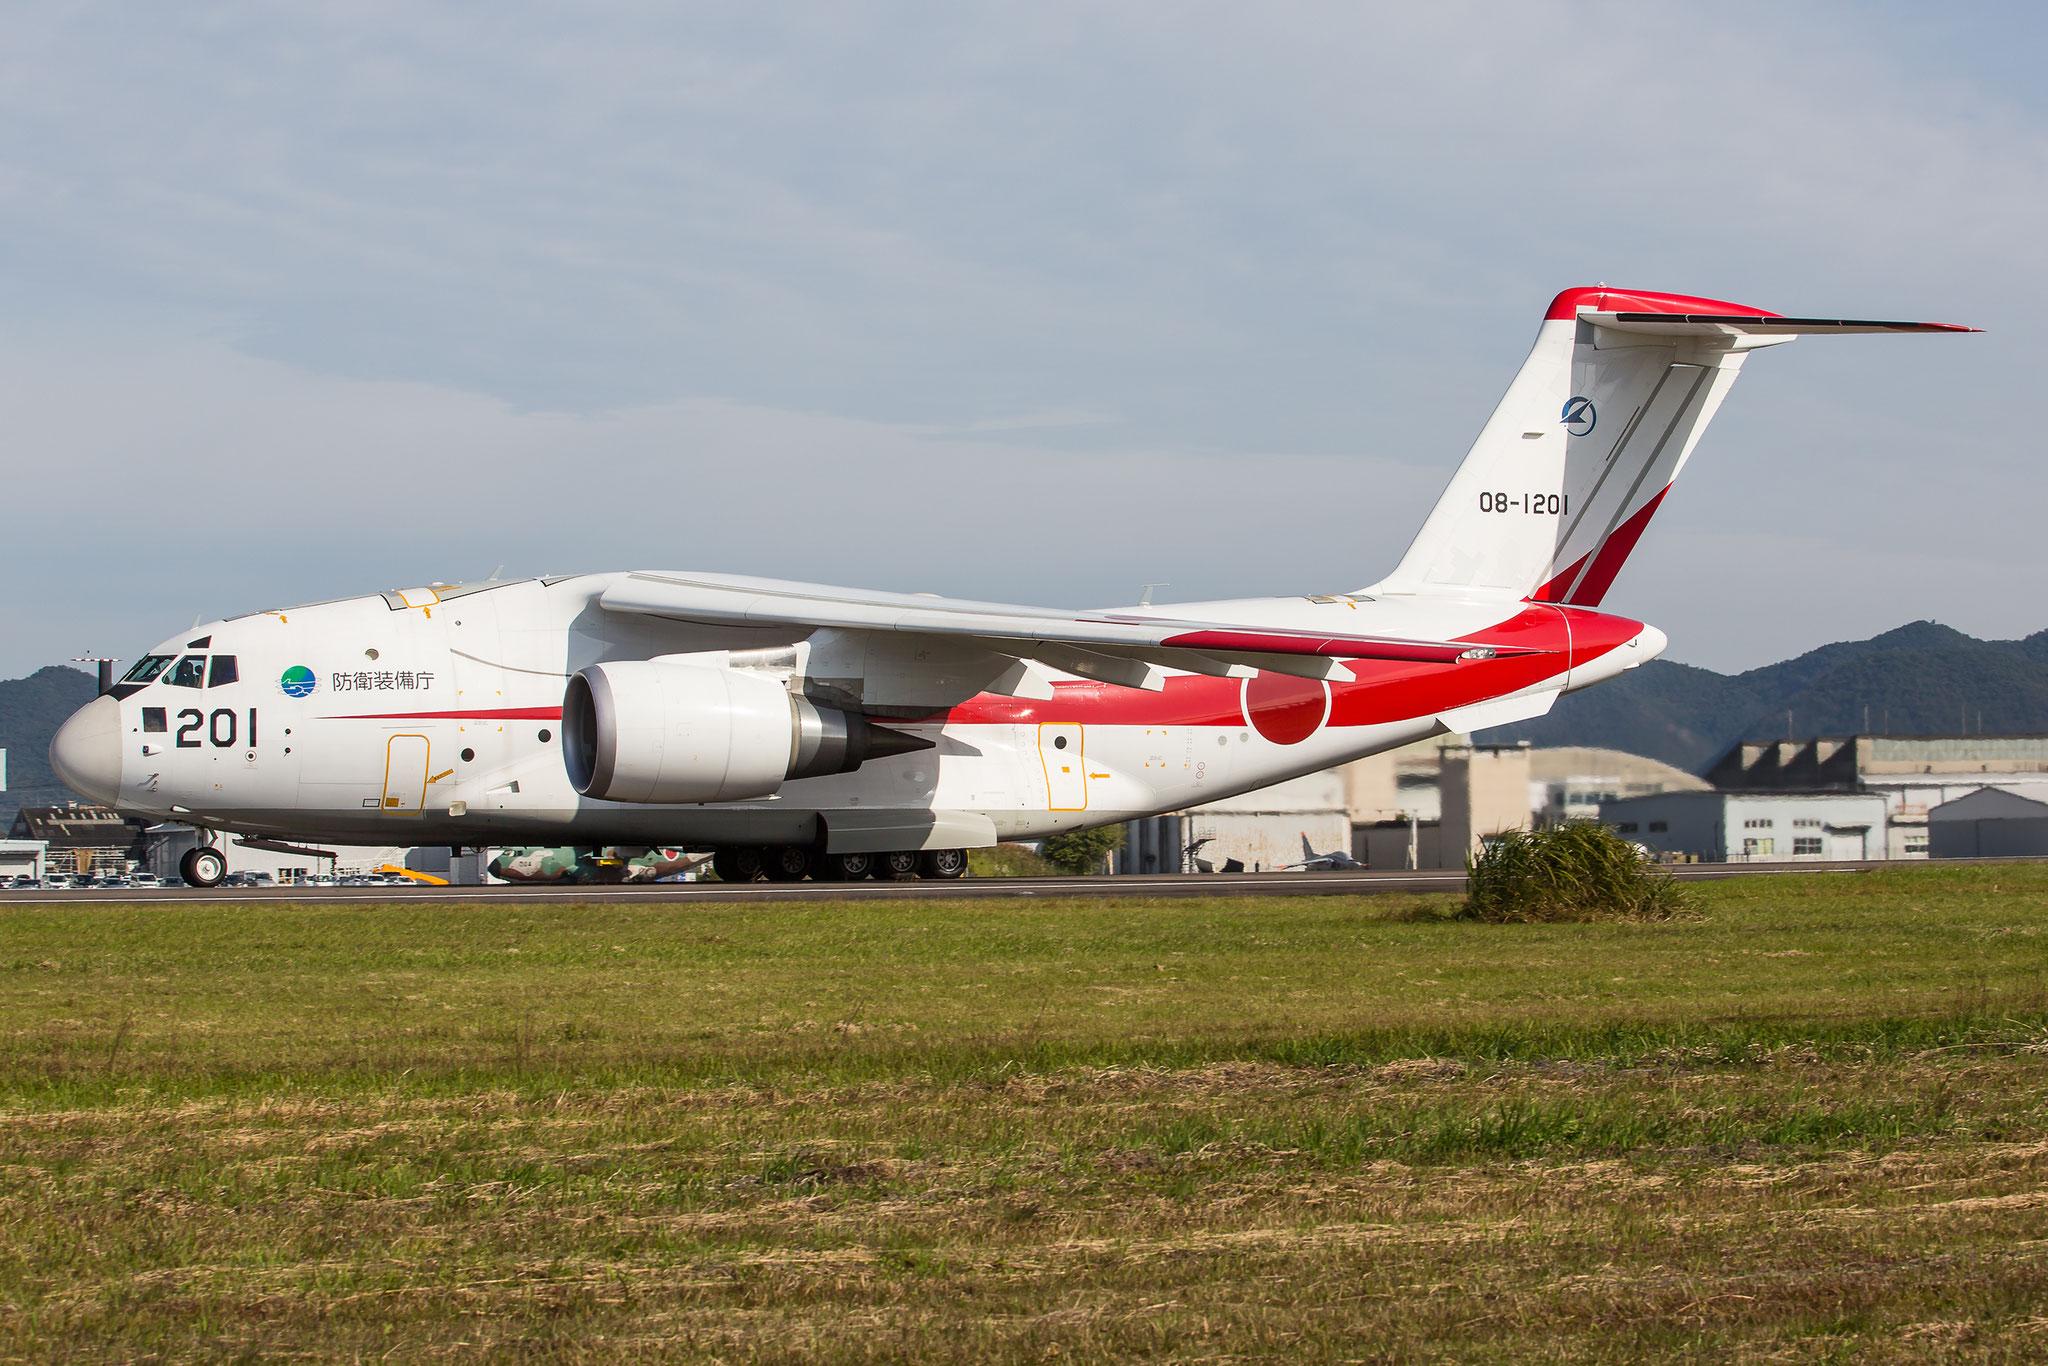 Der Prototyp des neuen Transporters C-2 in der typisch rot/weissen Lackierung der ADTW.